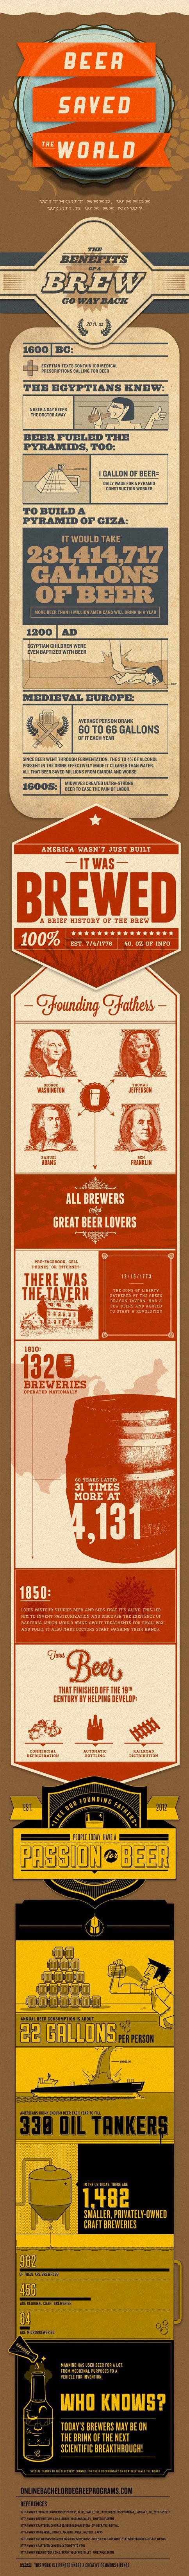 Infográfico: A cerveja salvou o mundo